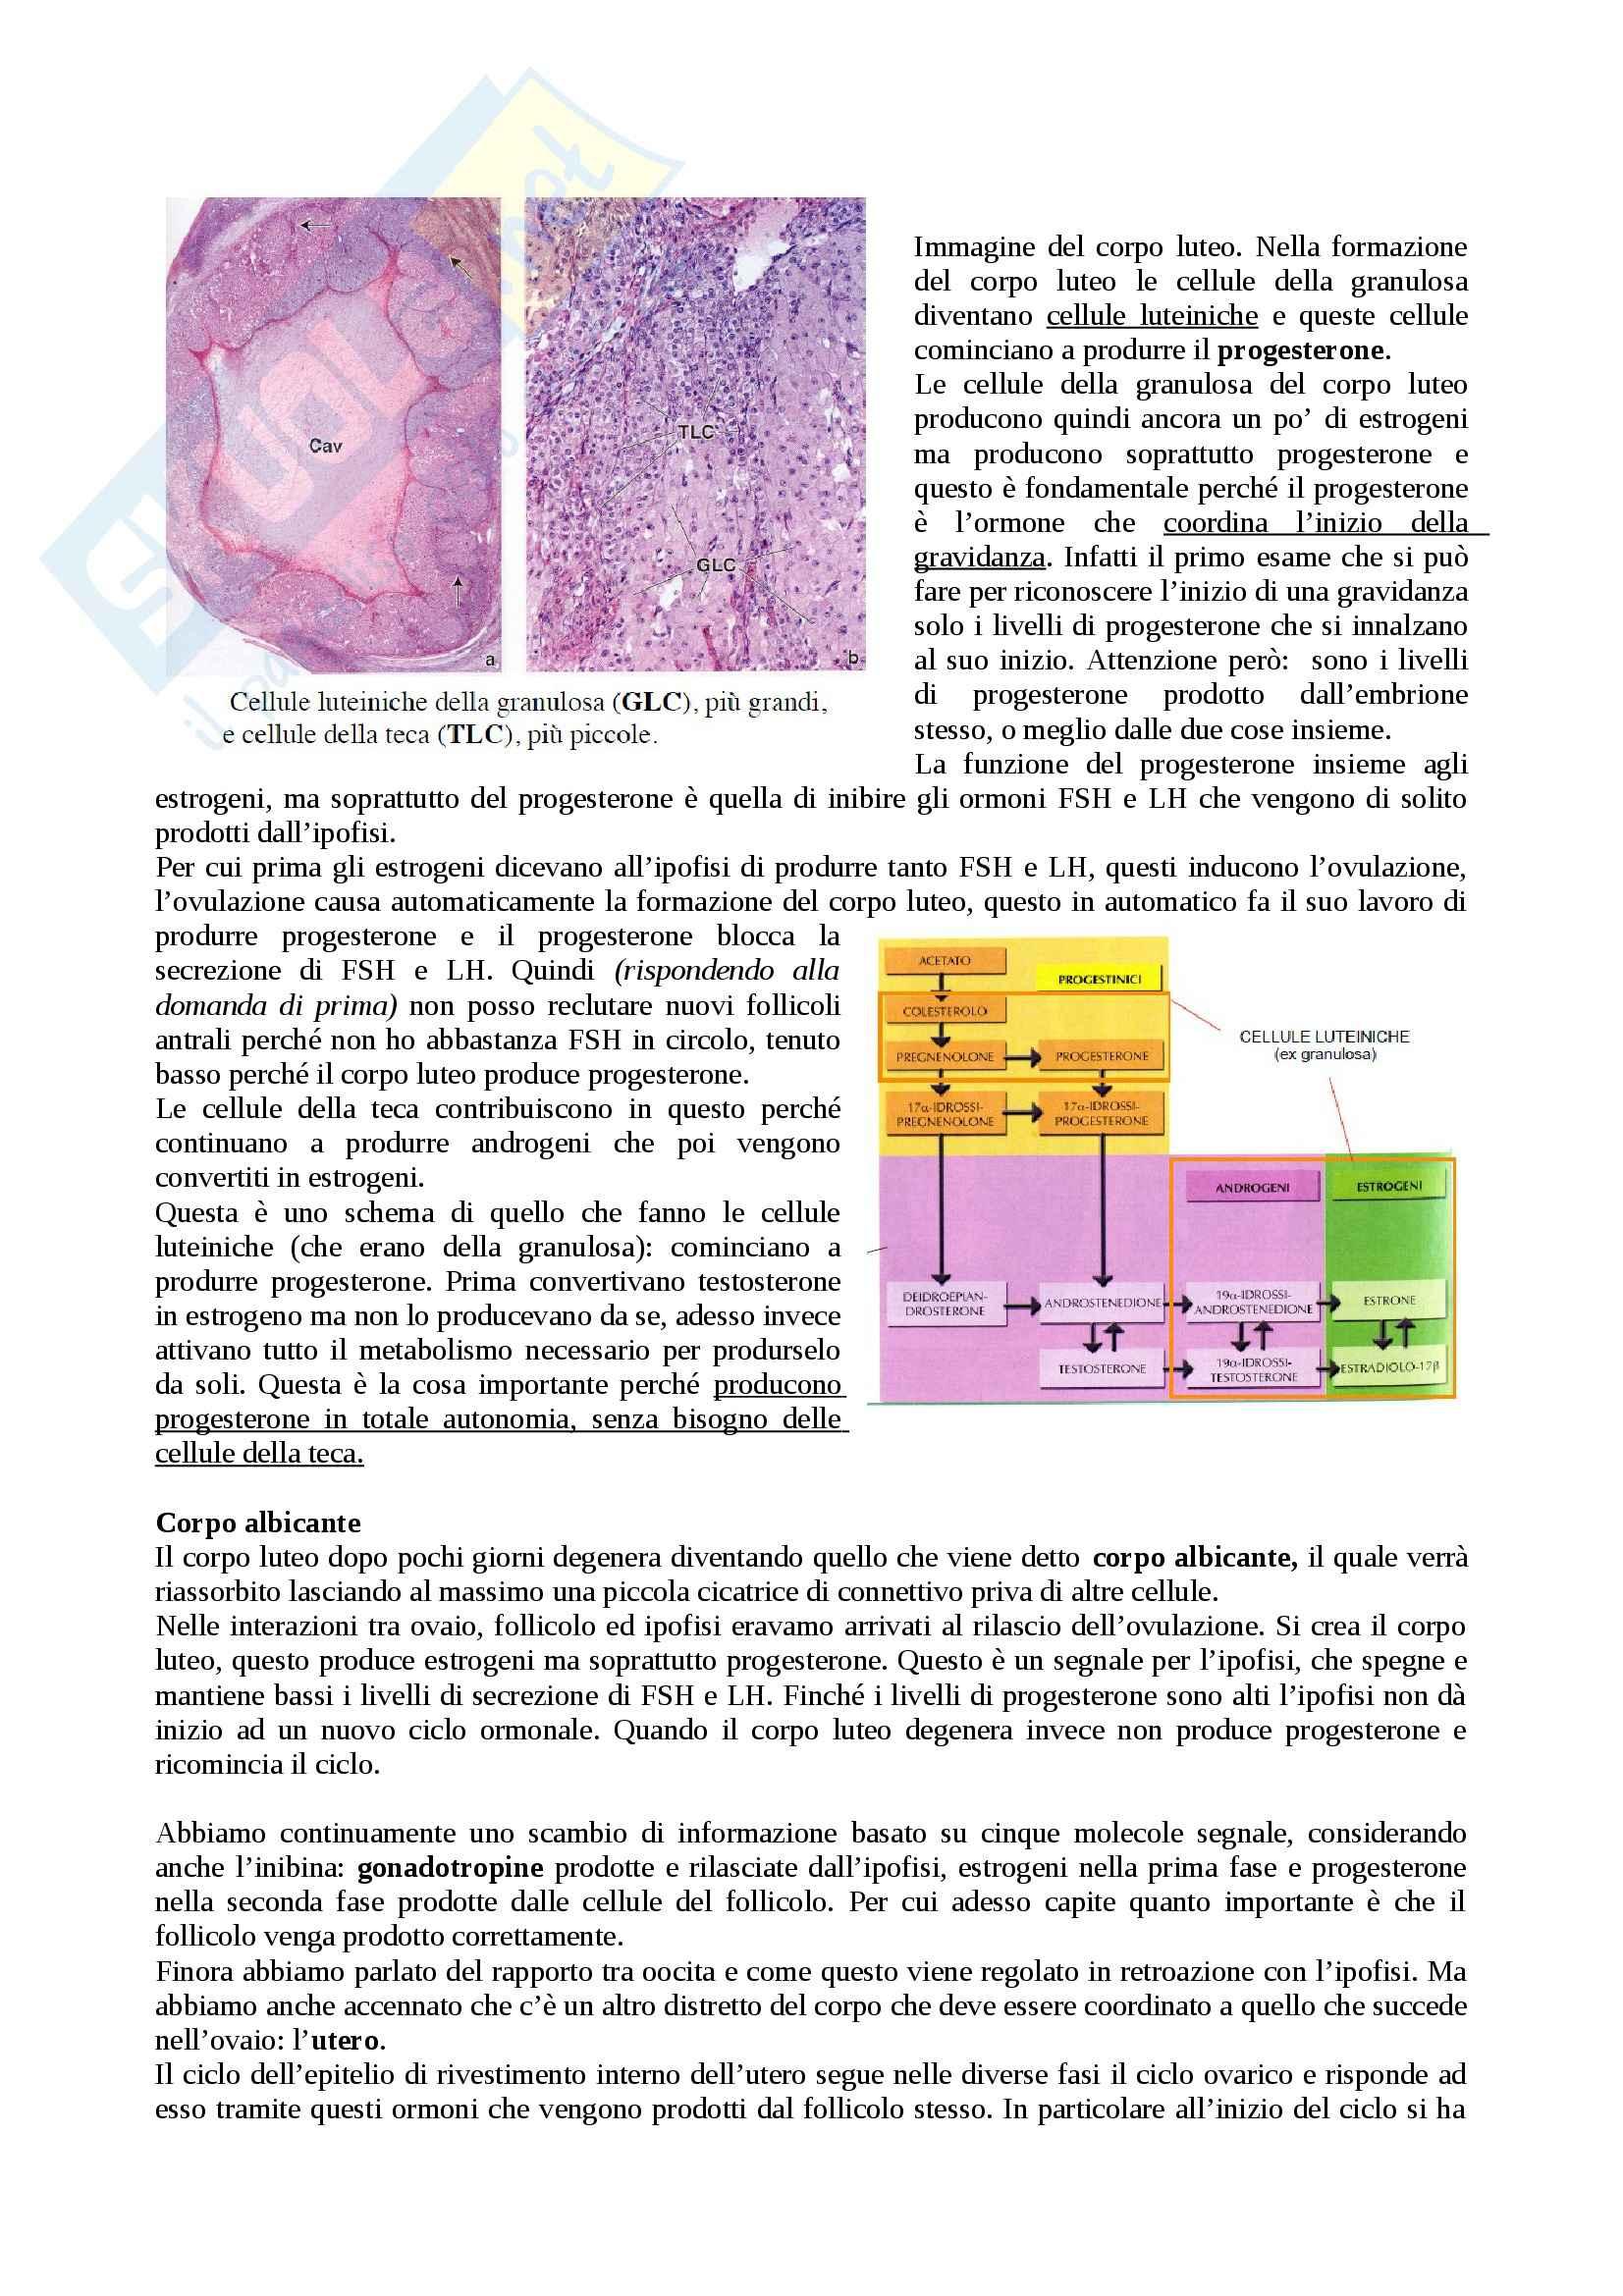 Ciclo follicolare e Fecondazione, Embriologia Pag. 6